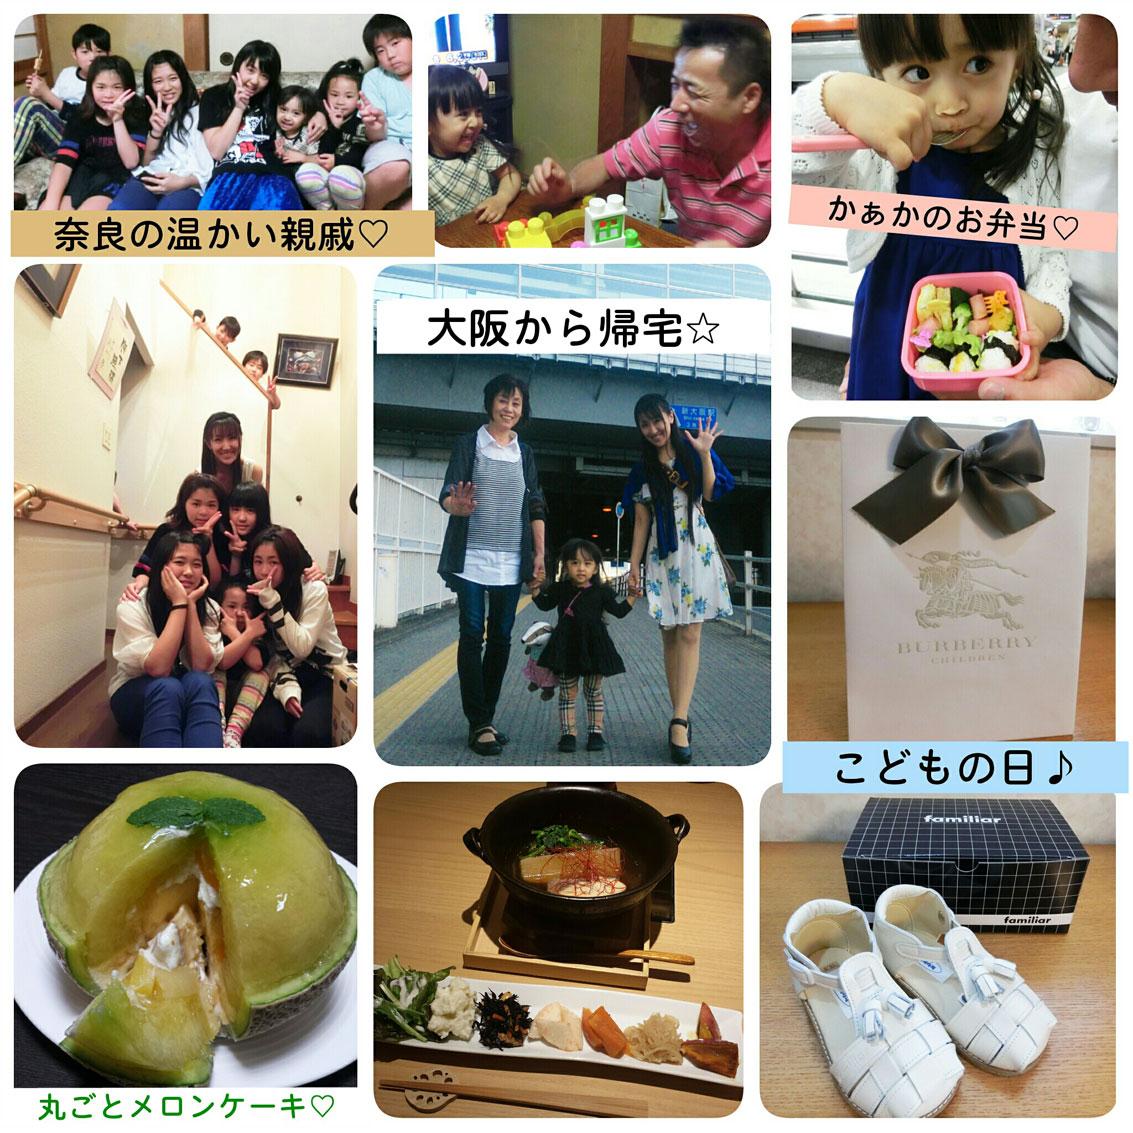 大阪から帰宅☆ GWの幸せな時間達。_d0224894_059422.jpg